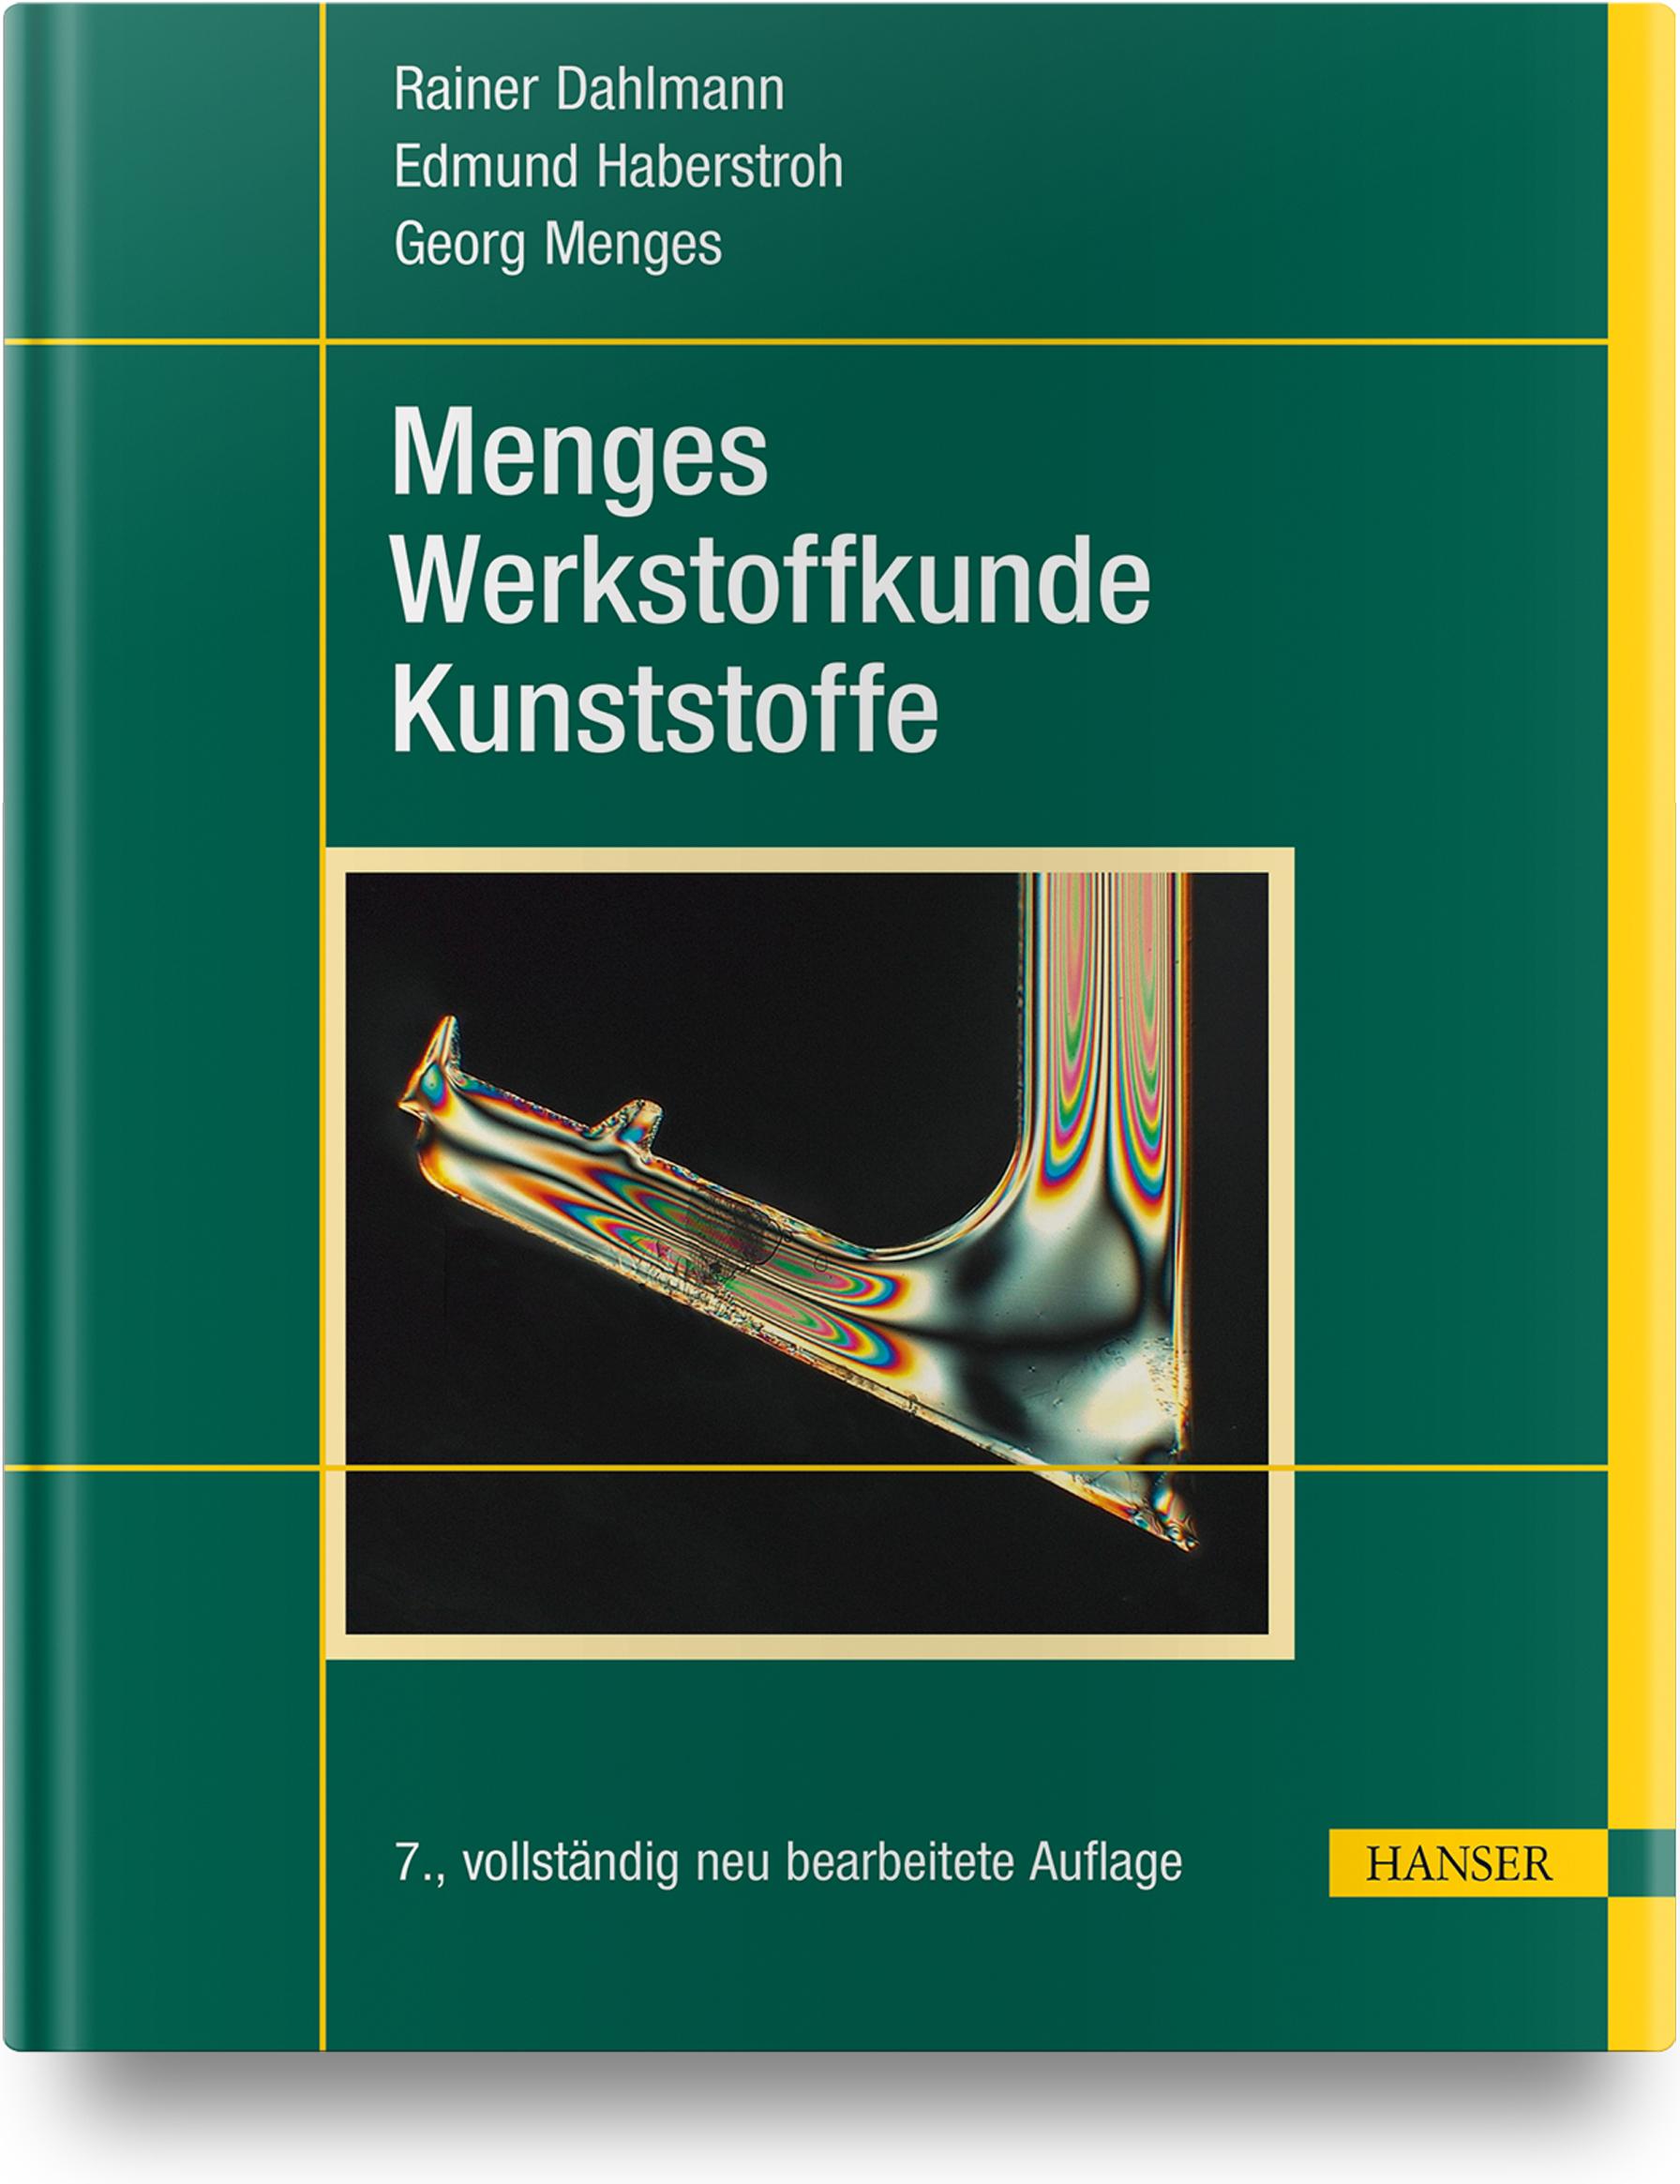 Dahlmann, Haberstroh, Menges, Menges Werkstoffkunde Kunststoffe, 978-3-446-45801-7